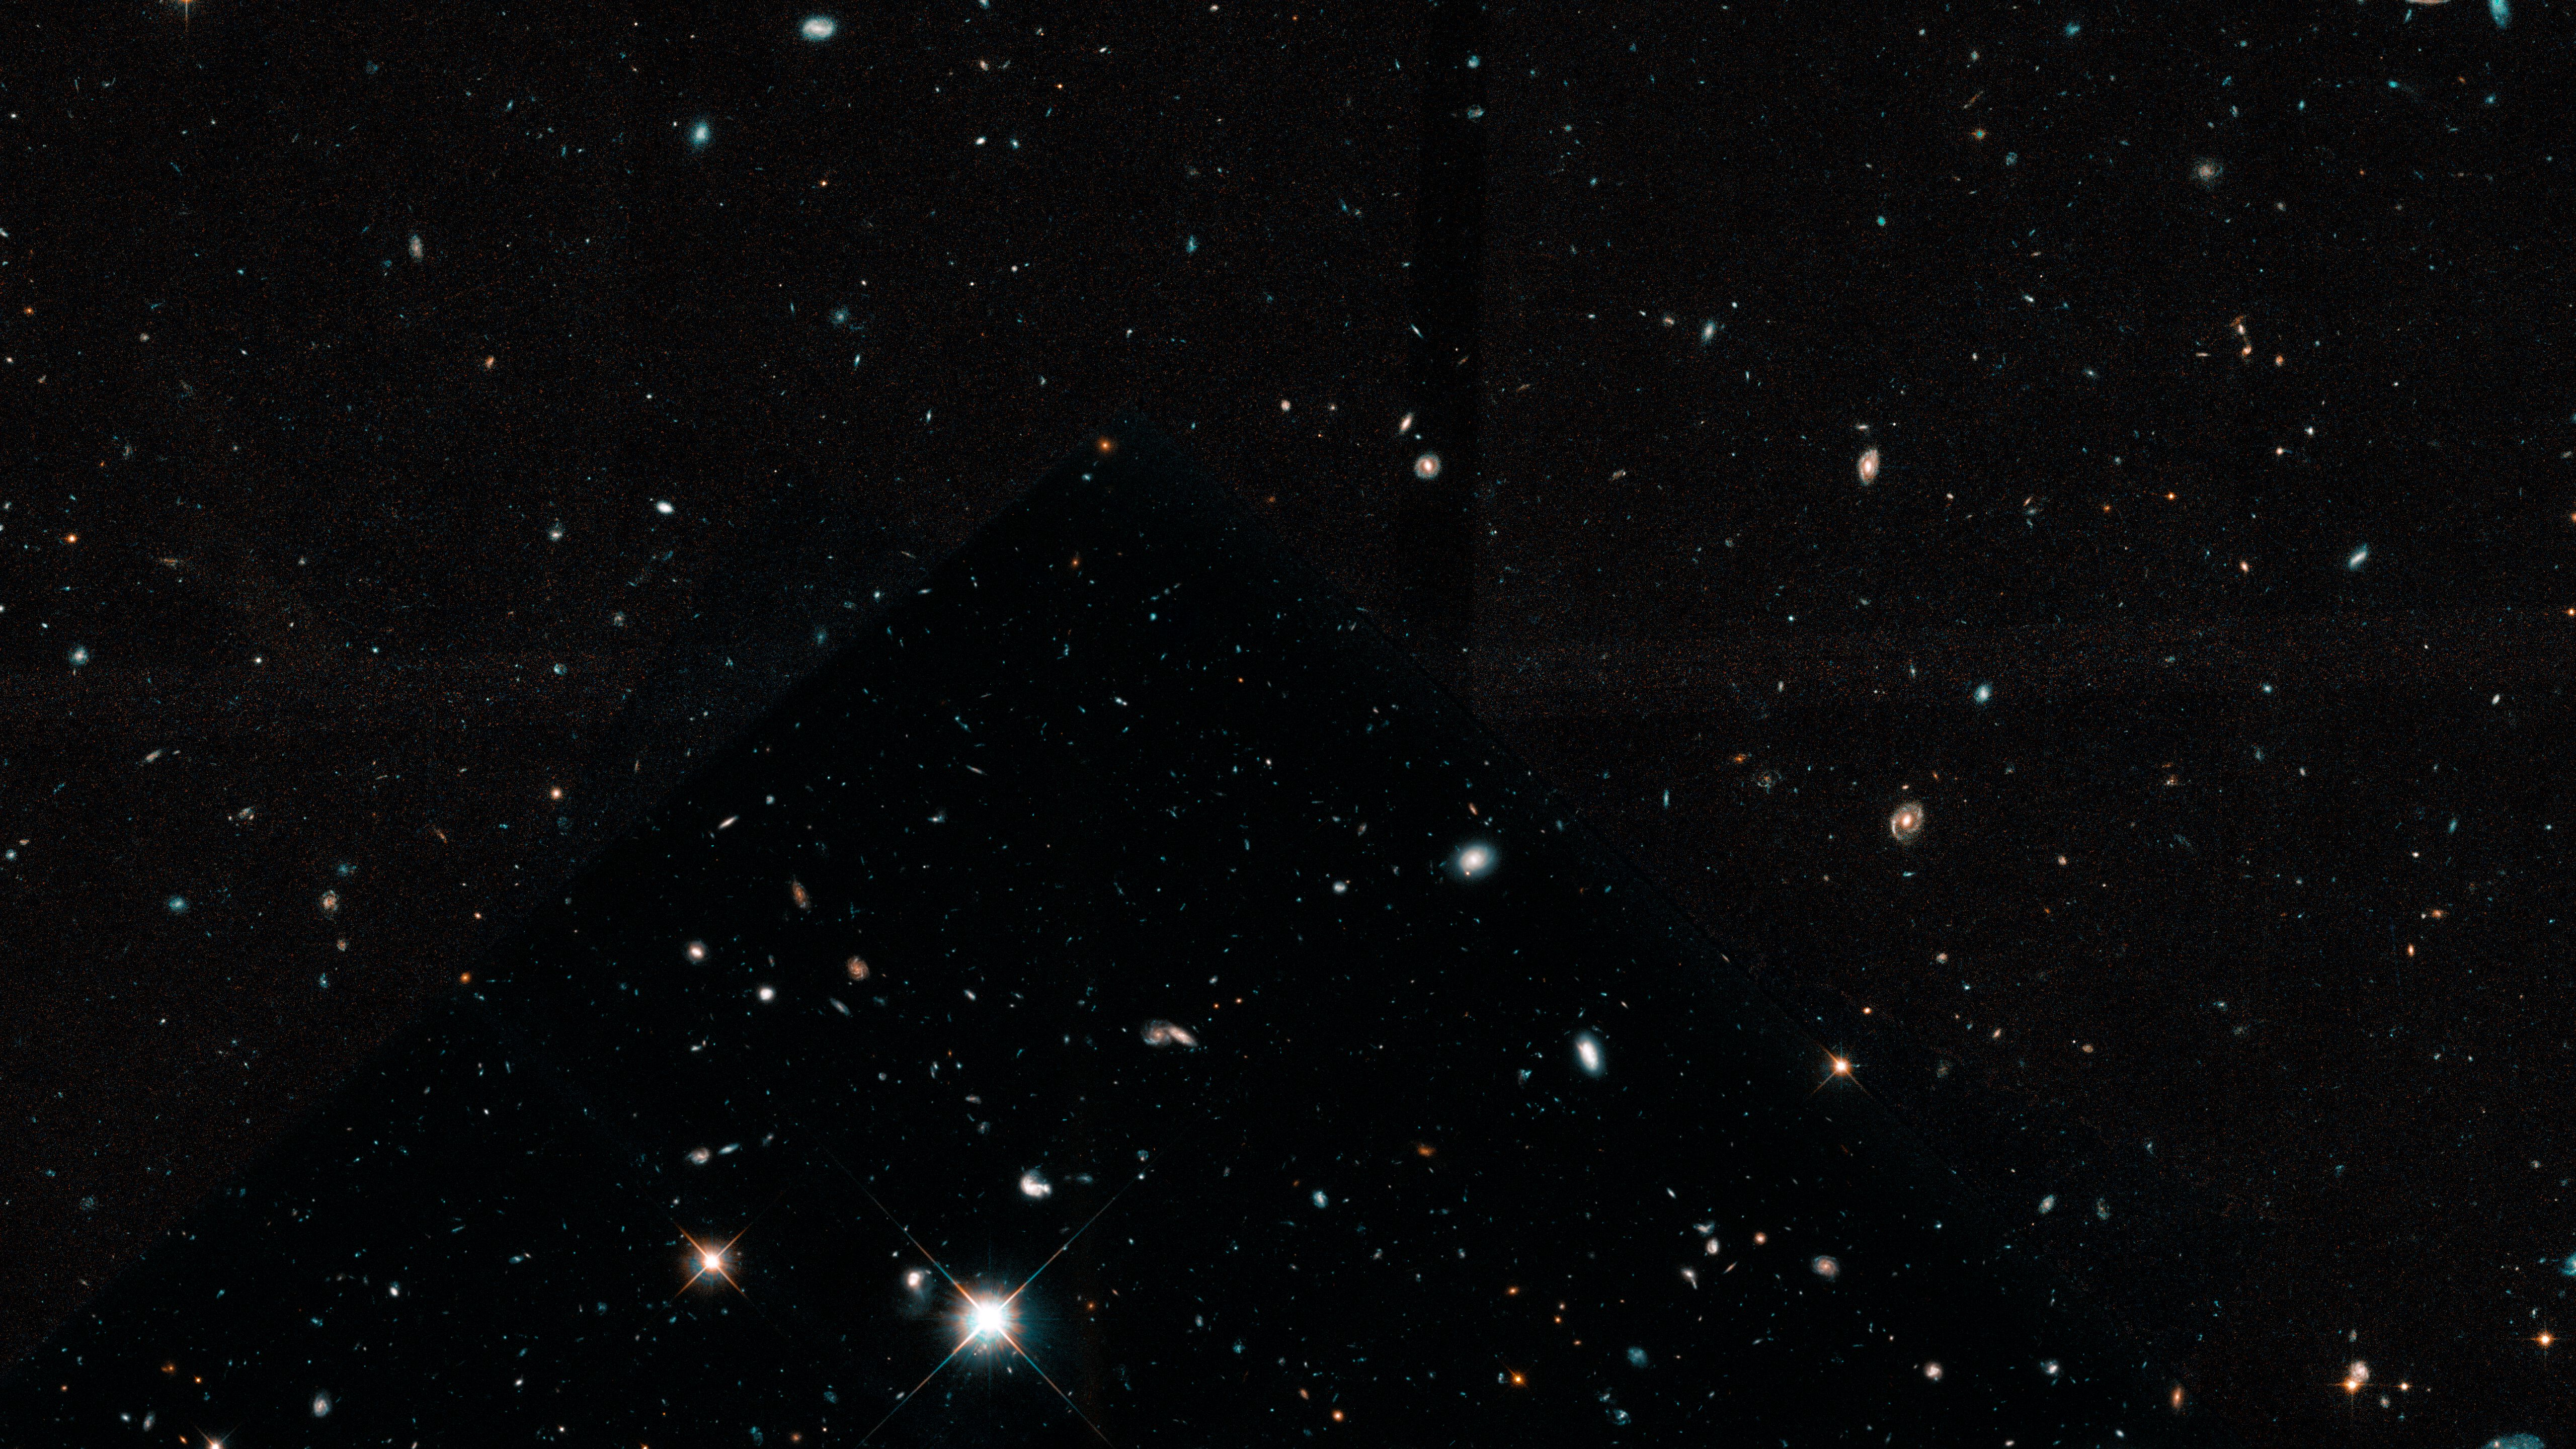 hubble ultra deep field youtube - HD5120×2880